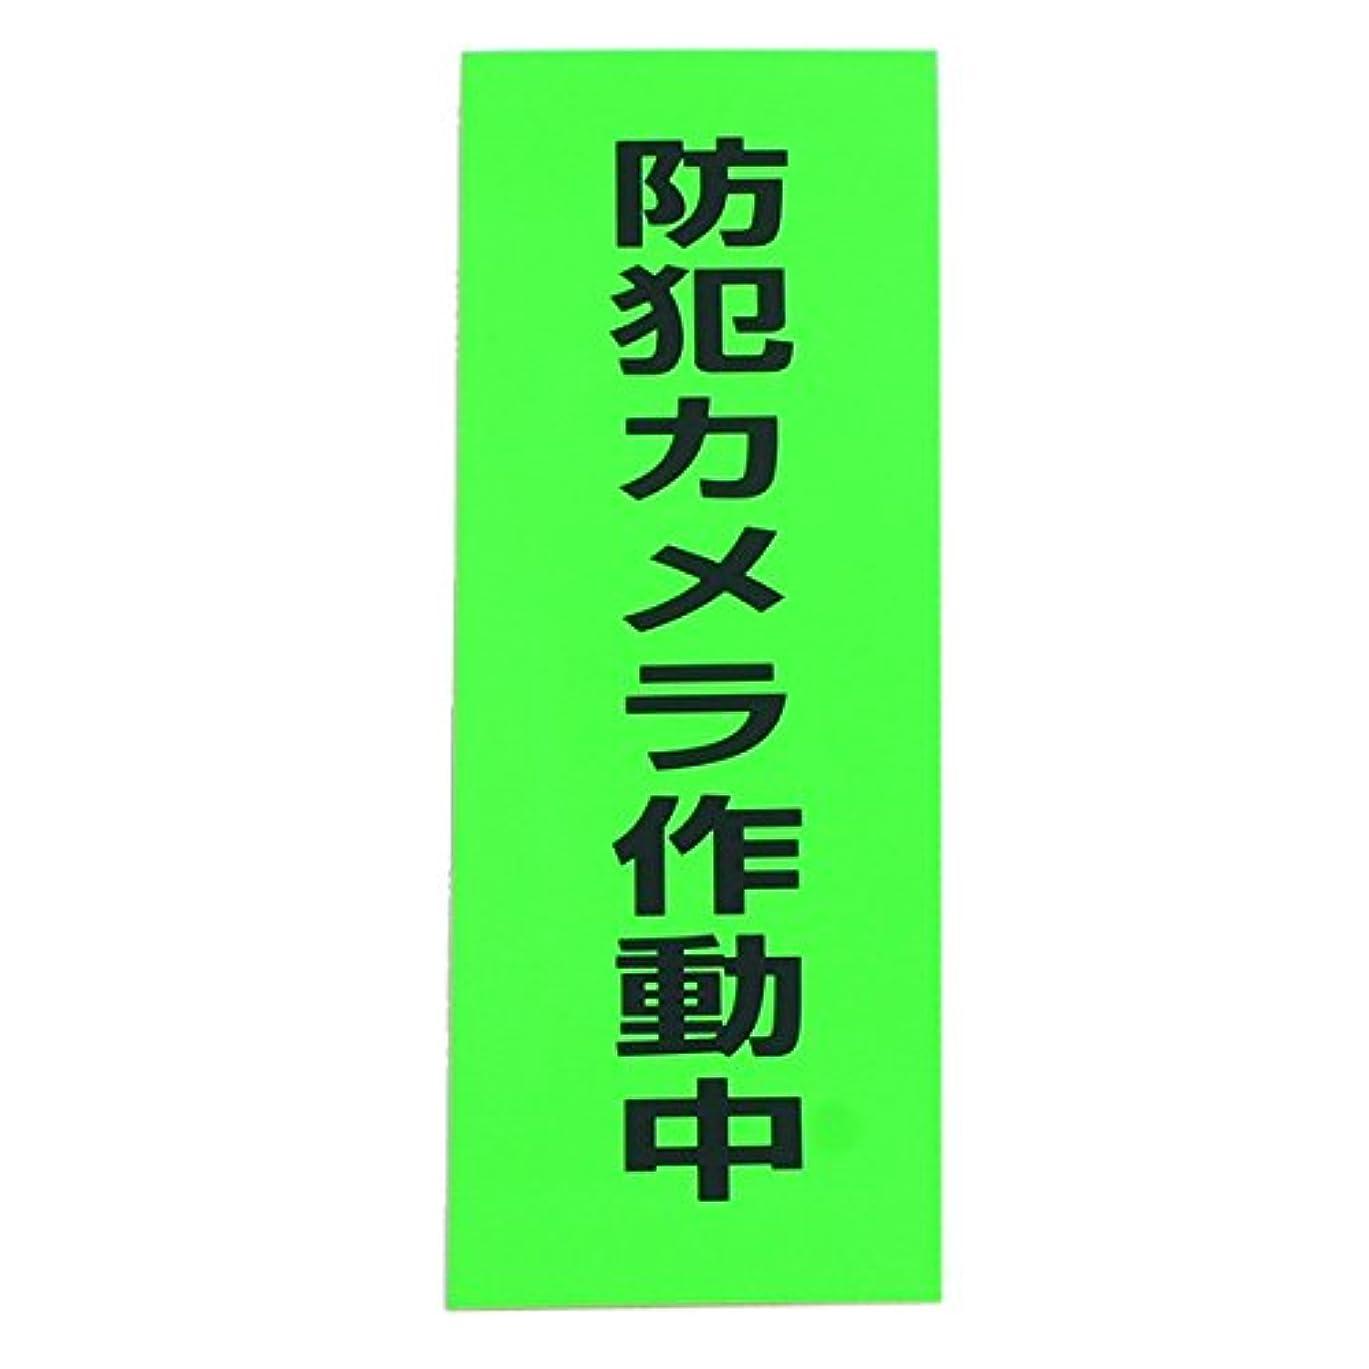 不利益弁護人橋脚防犯ステッカー 防犯カメラ作動中 SS652